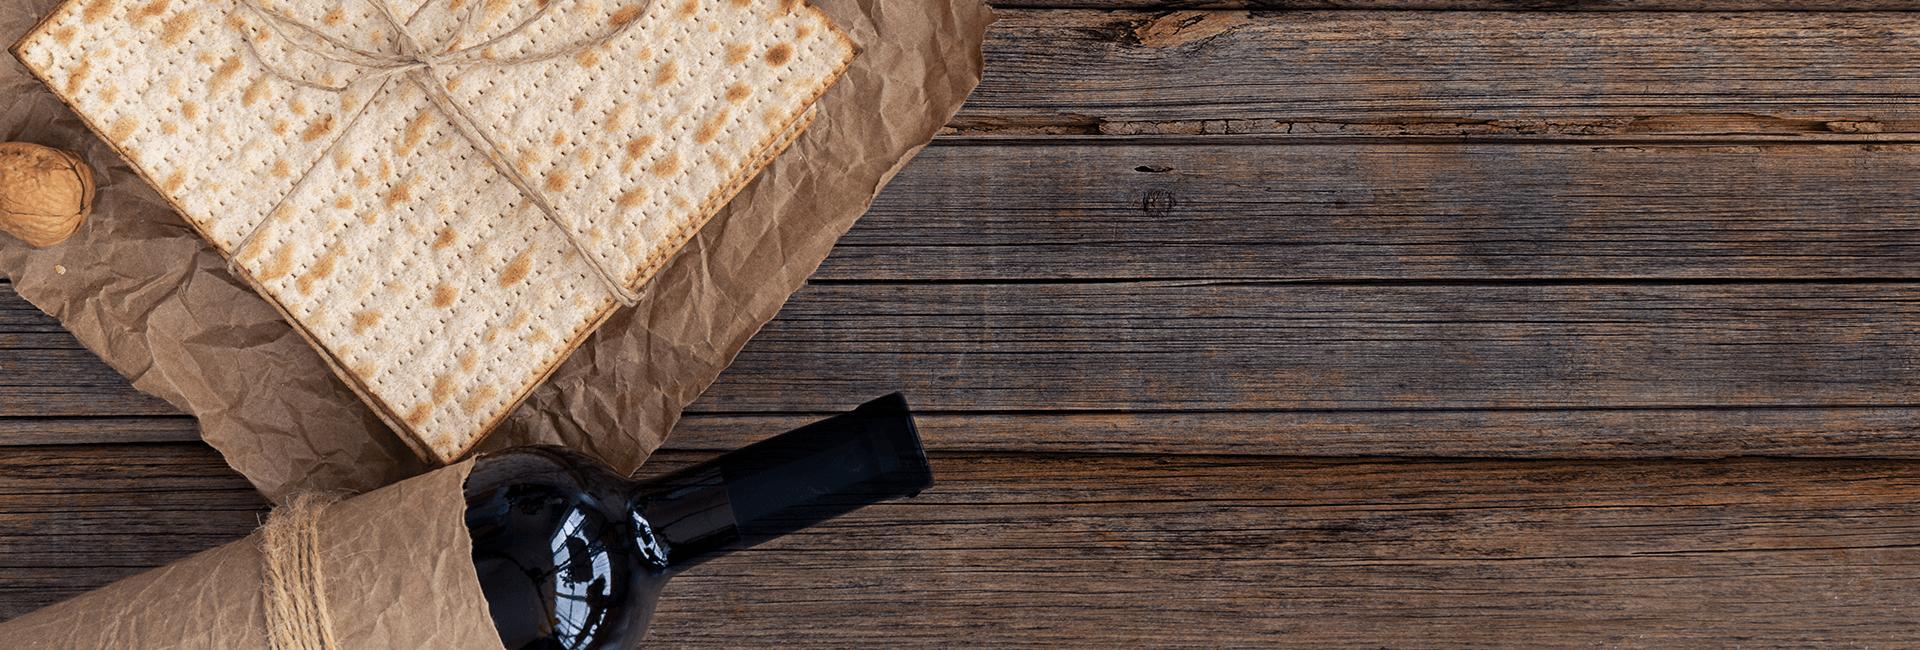 kosher wine gift baskets rhode island